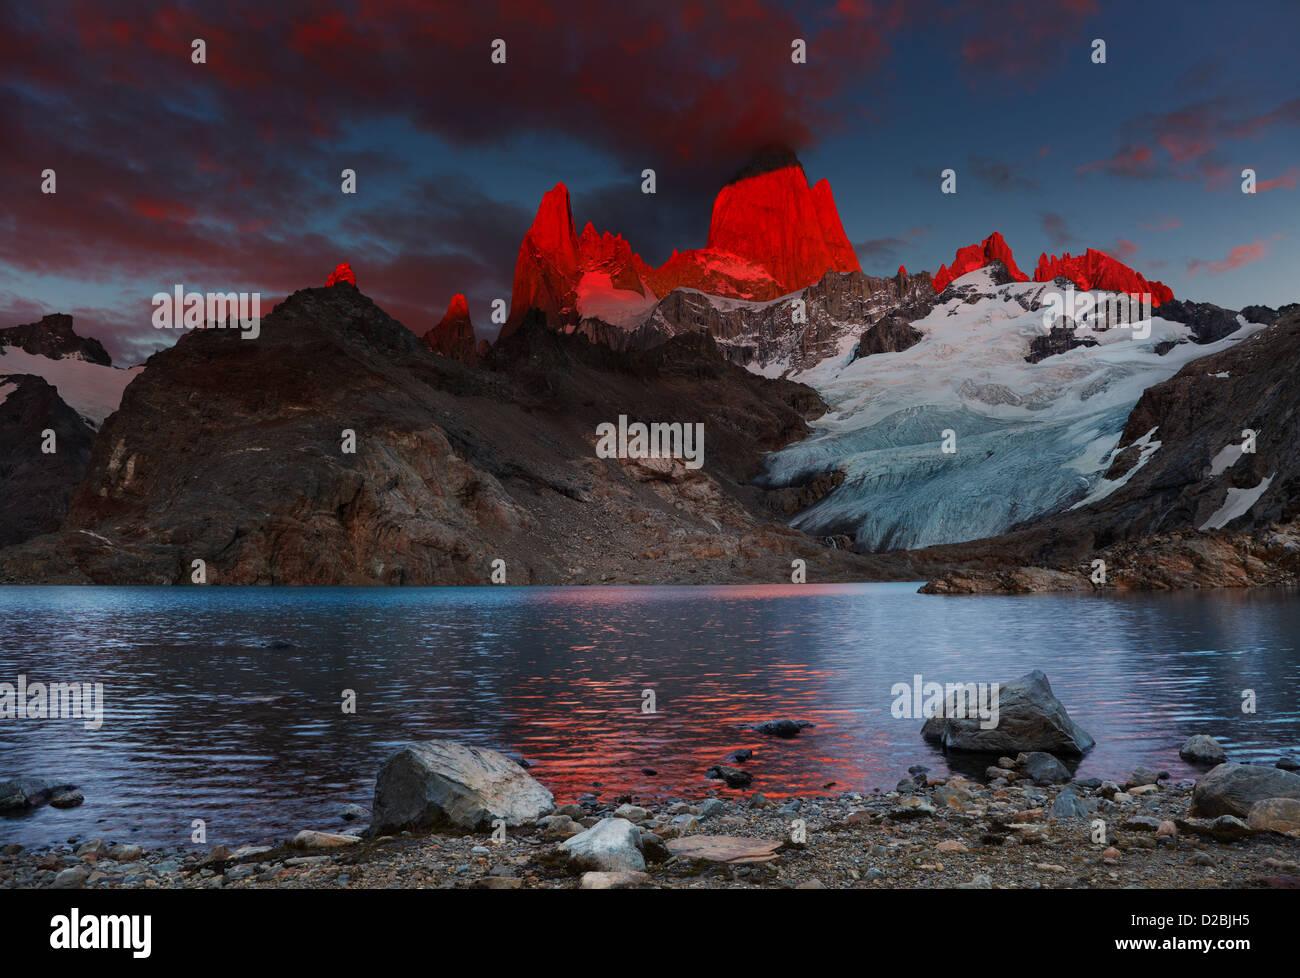 Laguna de Los Tres und Mount Fitz Roy, dramatische Sonnenaufgang, Patagonien, Argentinien Stockbild